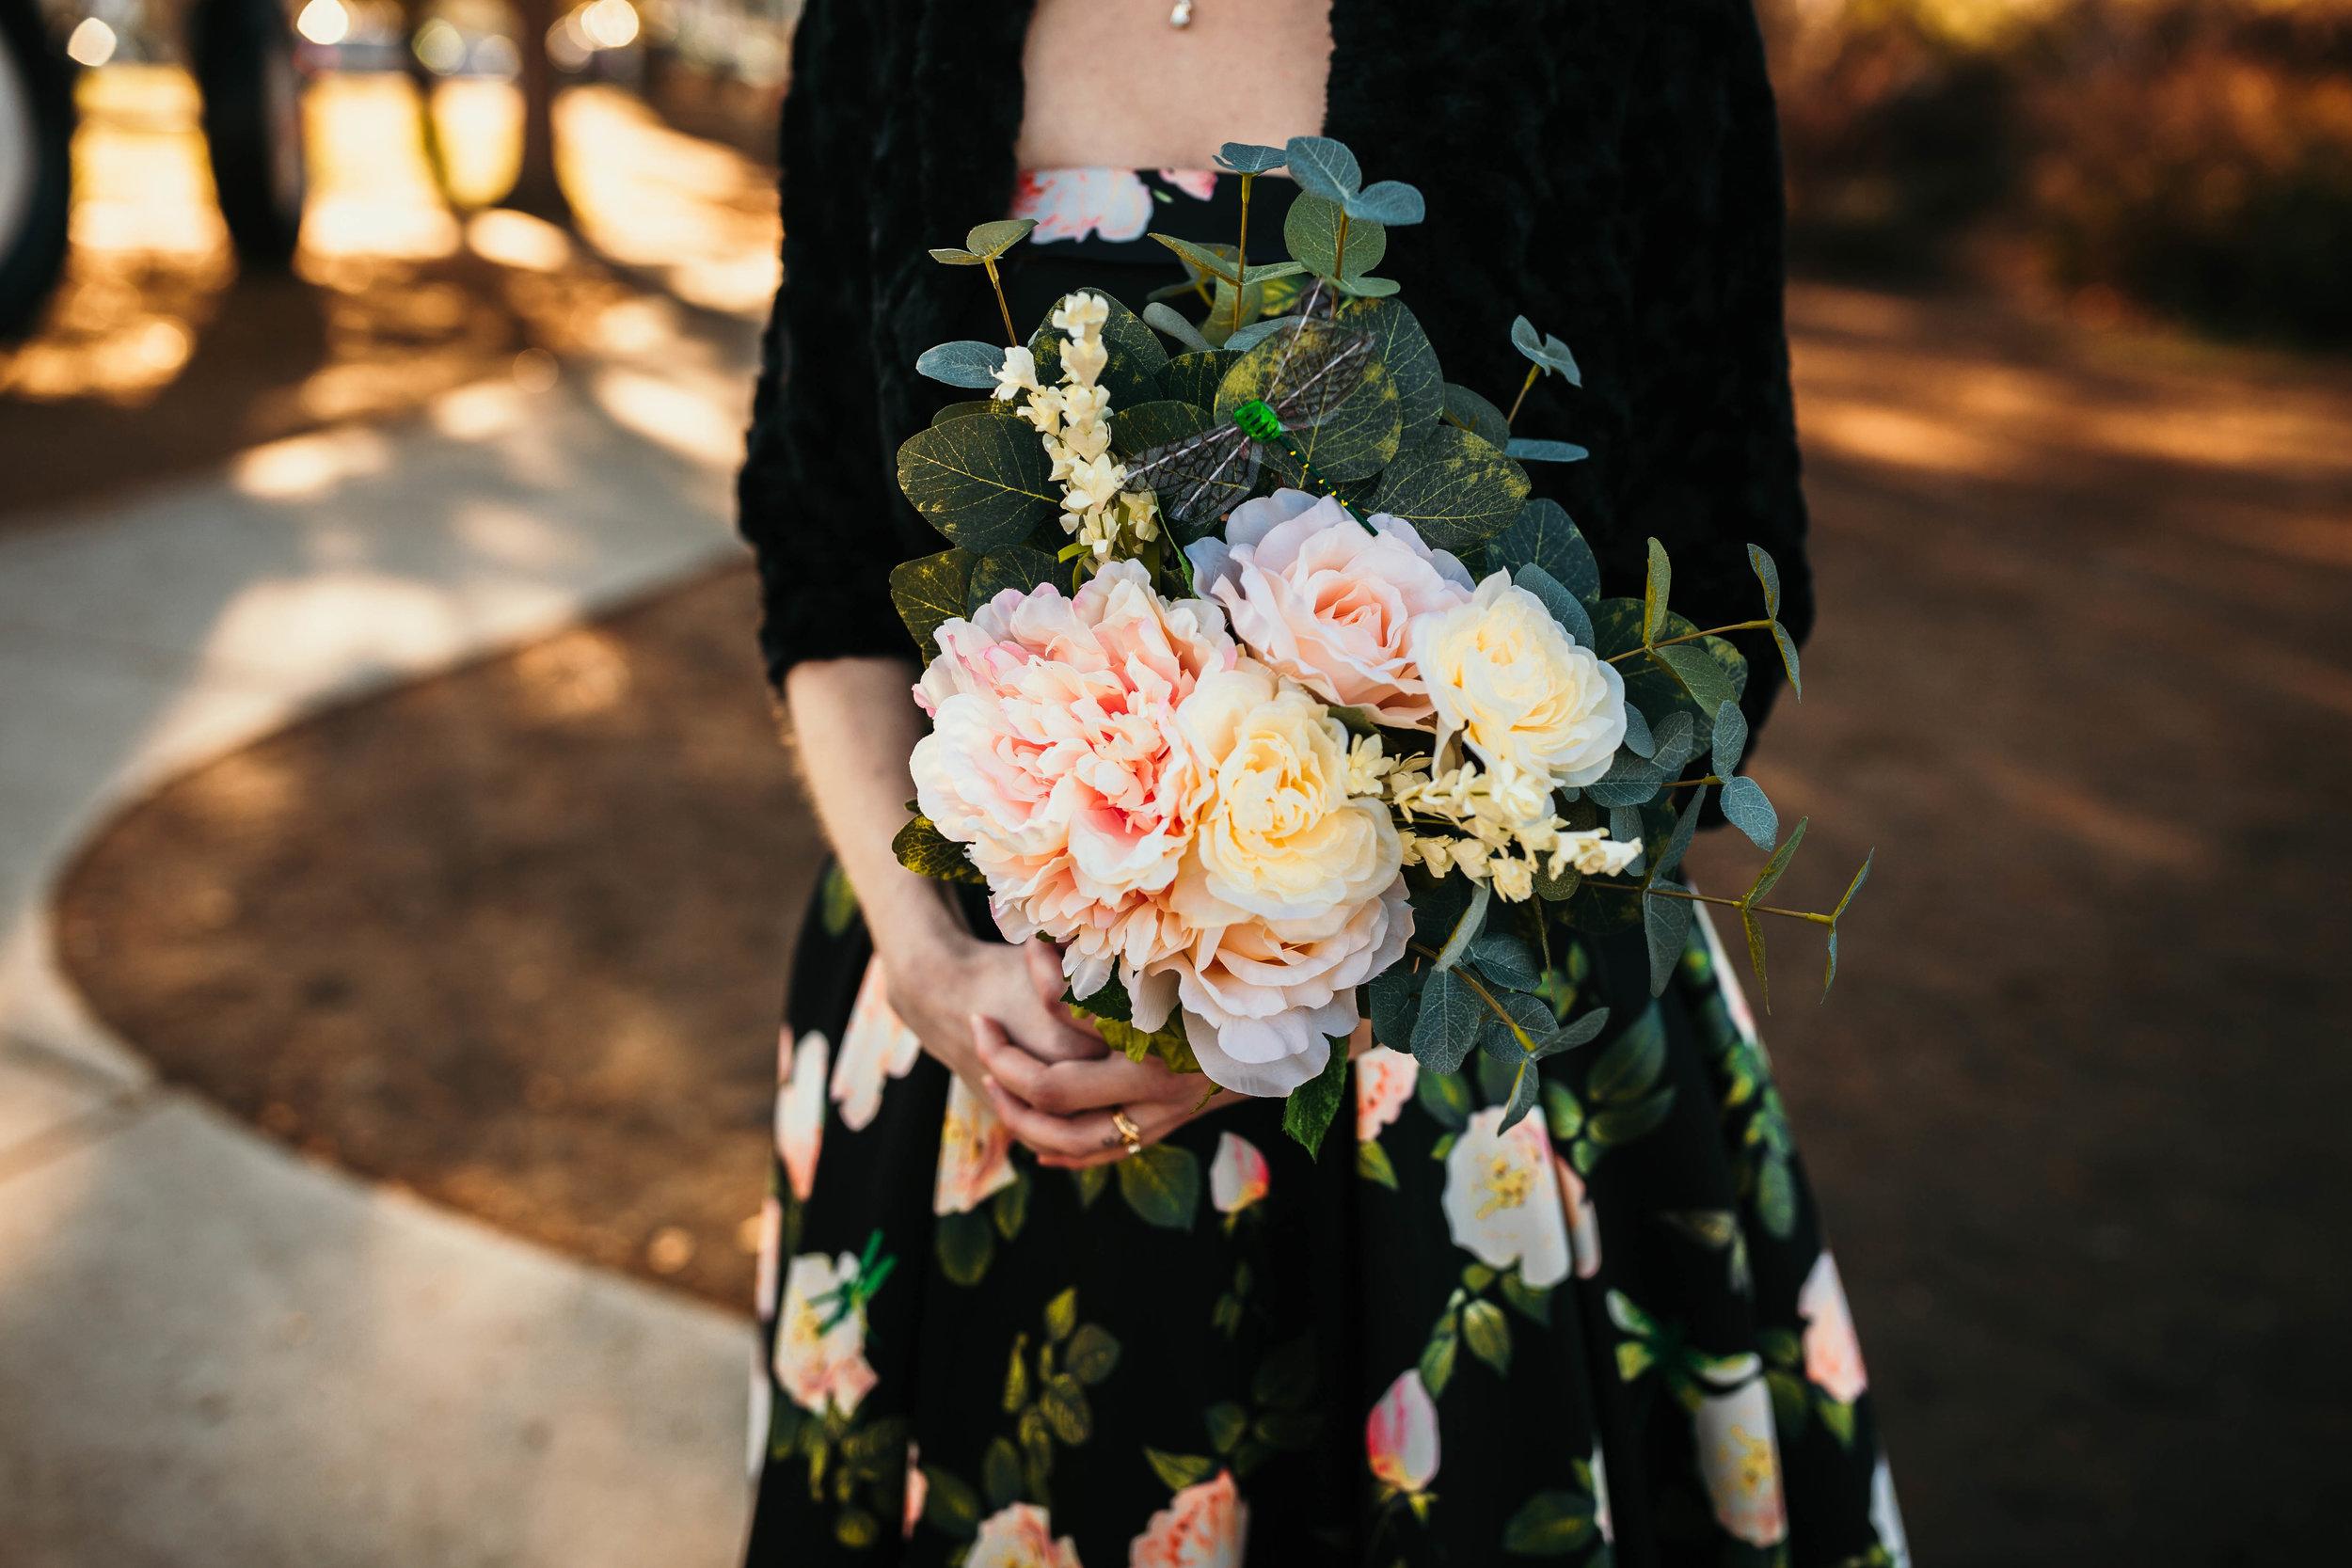 izzy+jacob-weddingsneakpeekblog-69.jpg